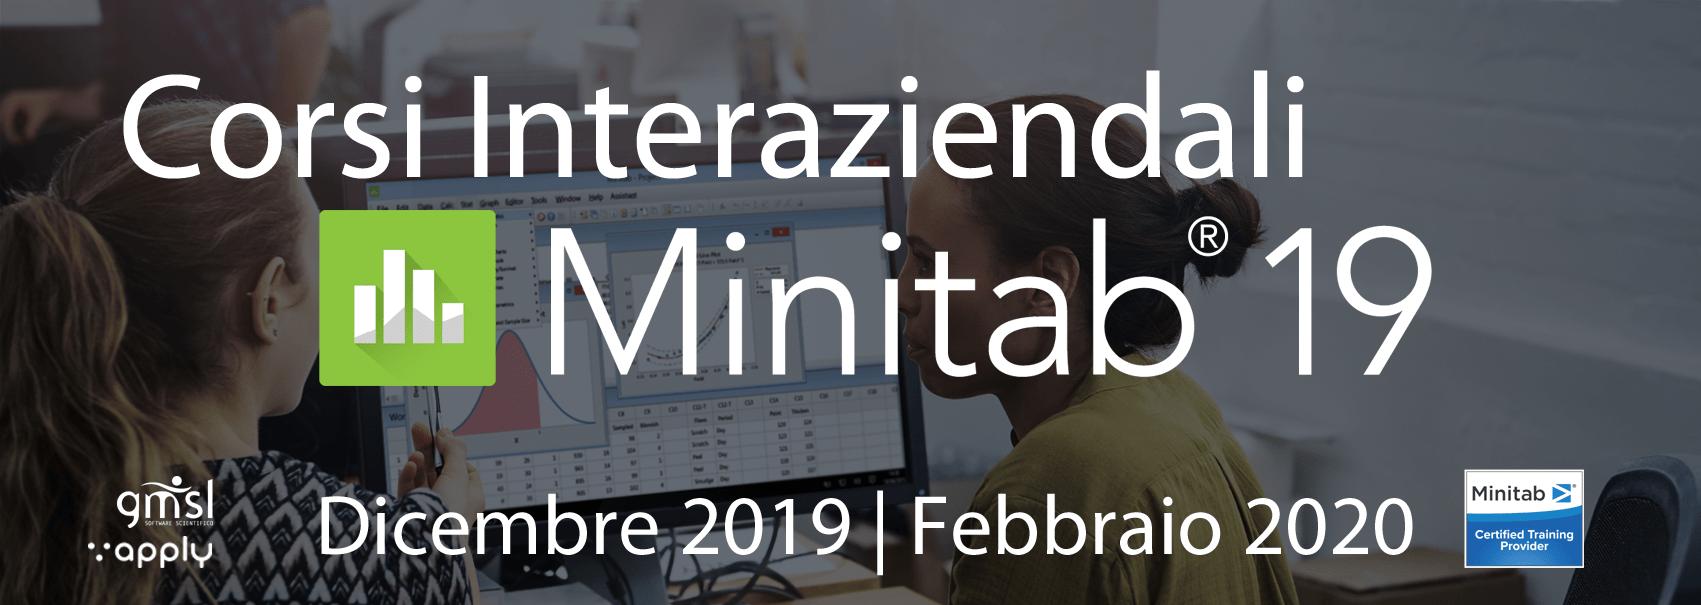 Corsi-Minitab_MI_2019_20 Minitab | Corsi Pubblici Interaziendali. Dicembre 2019 - Febbraio 2020